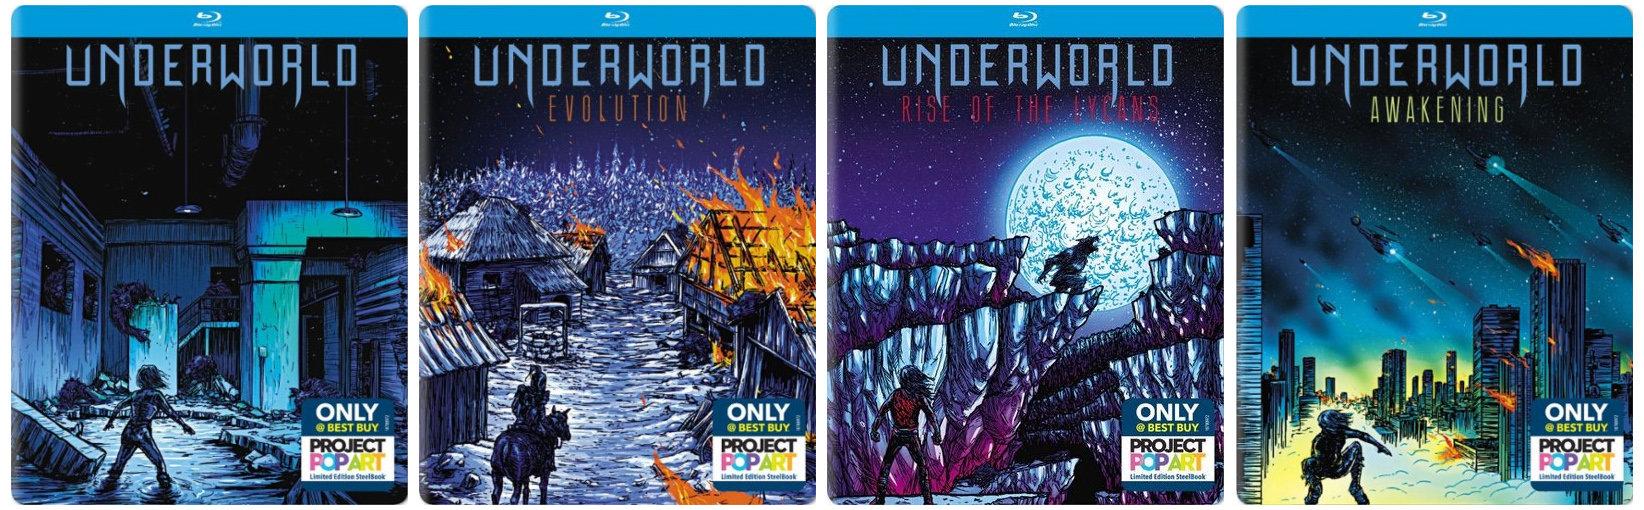 Underworld popart steelbook bestbuy